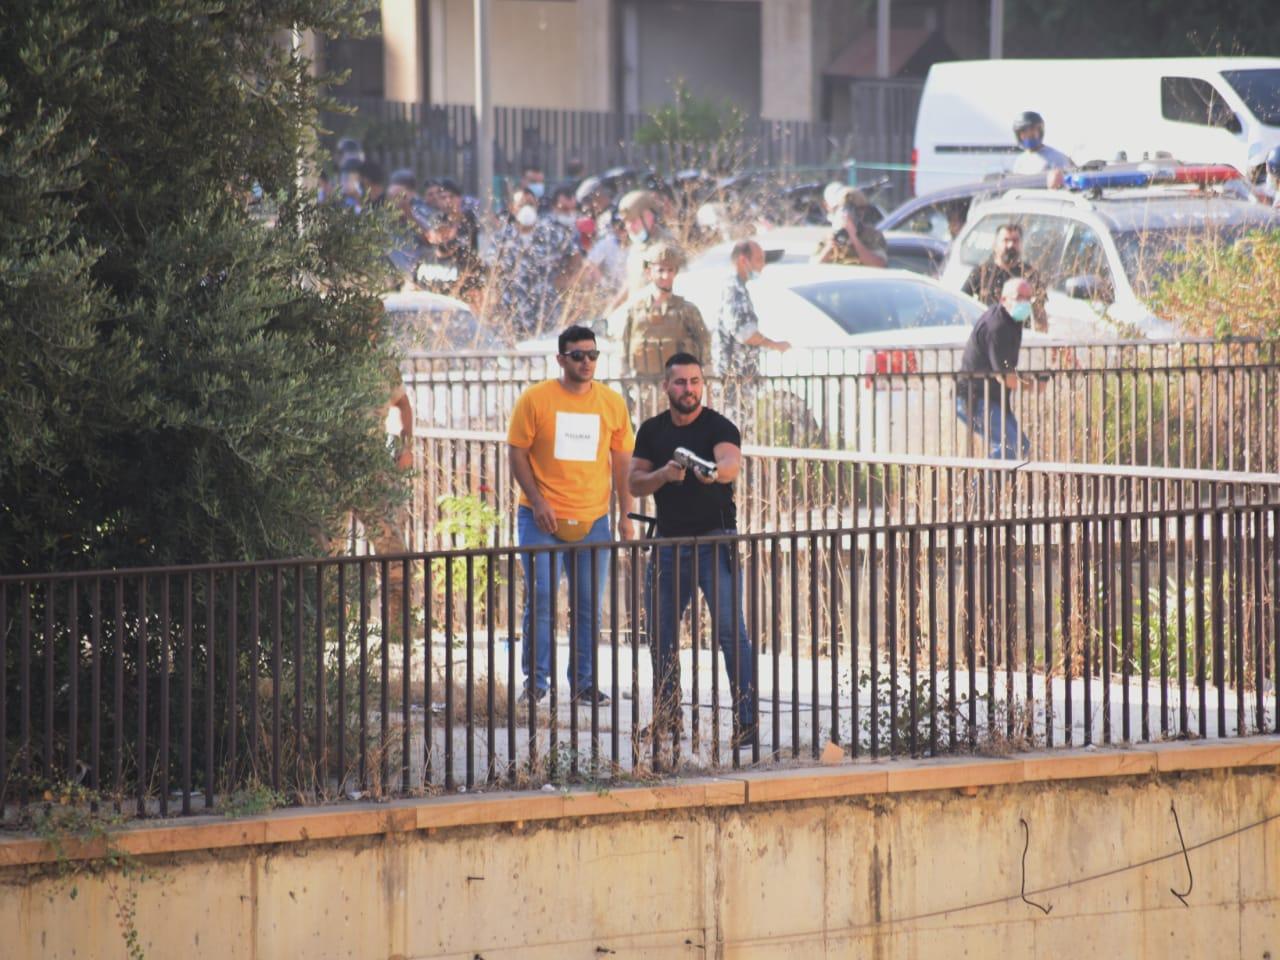 ناشطون تداولا صورا قالوا إنه تظهر تعرض المتظاهرين لإطلاق نار.